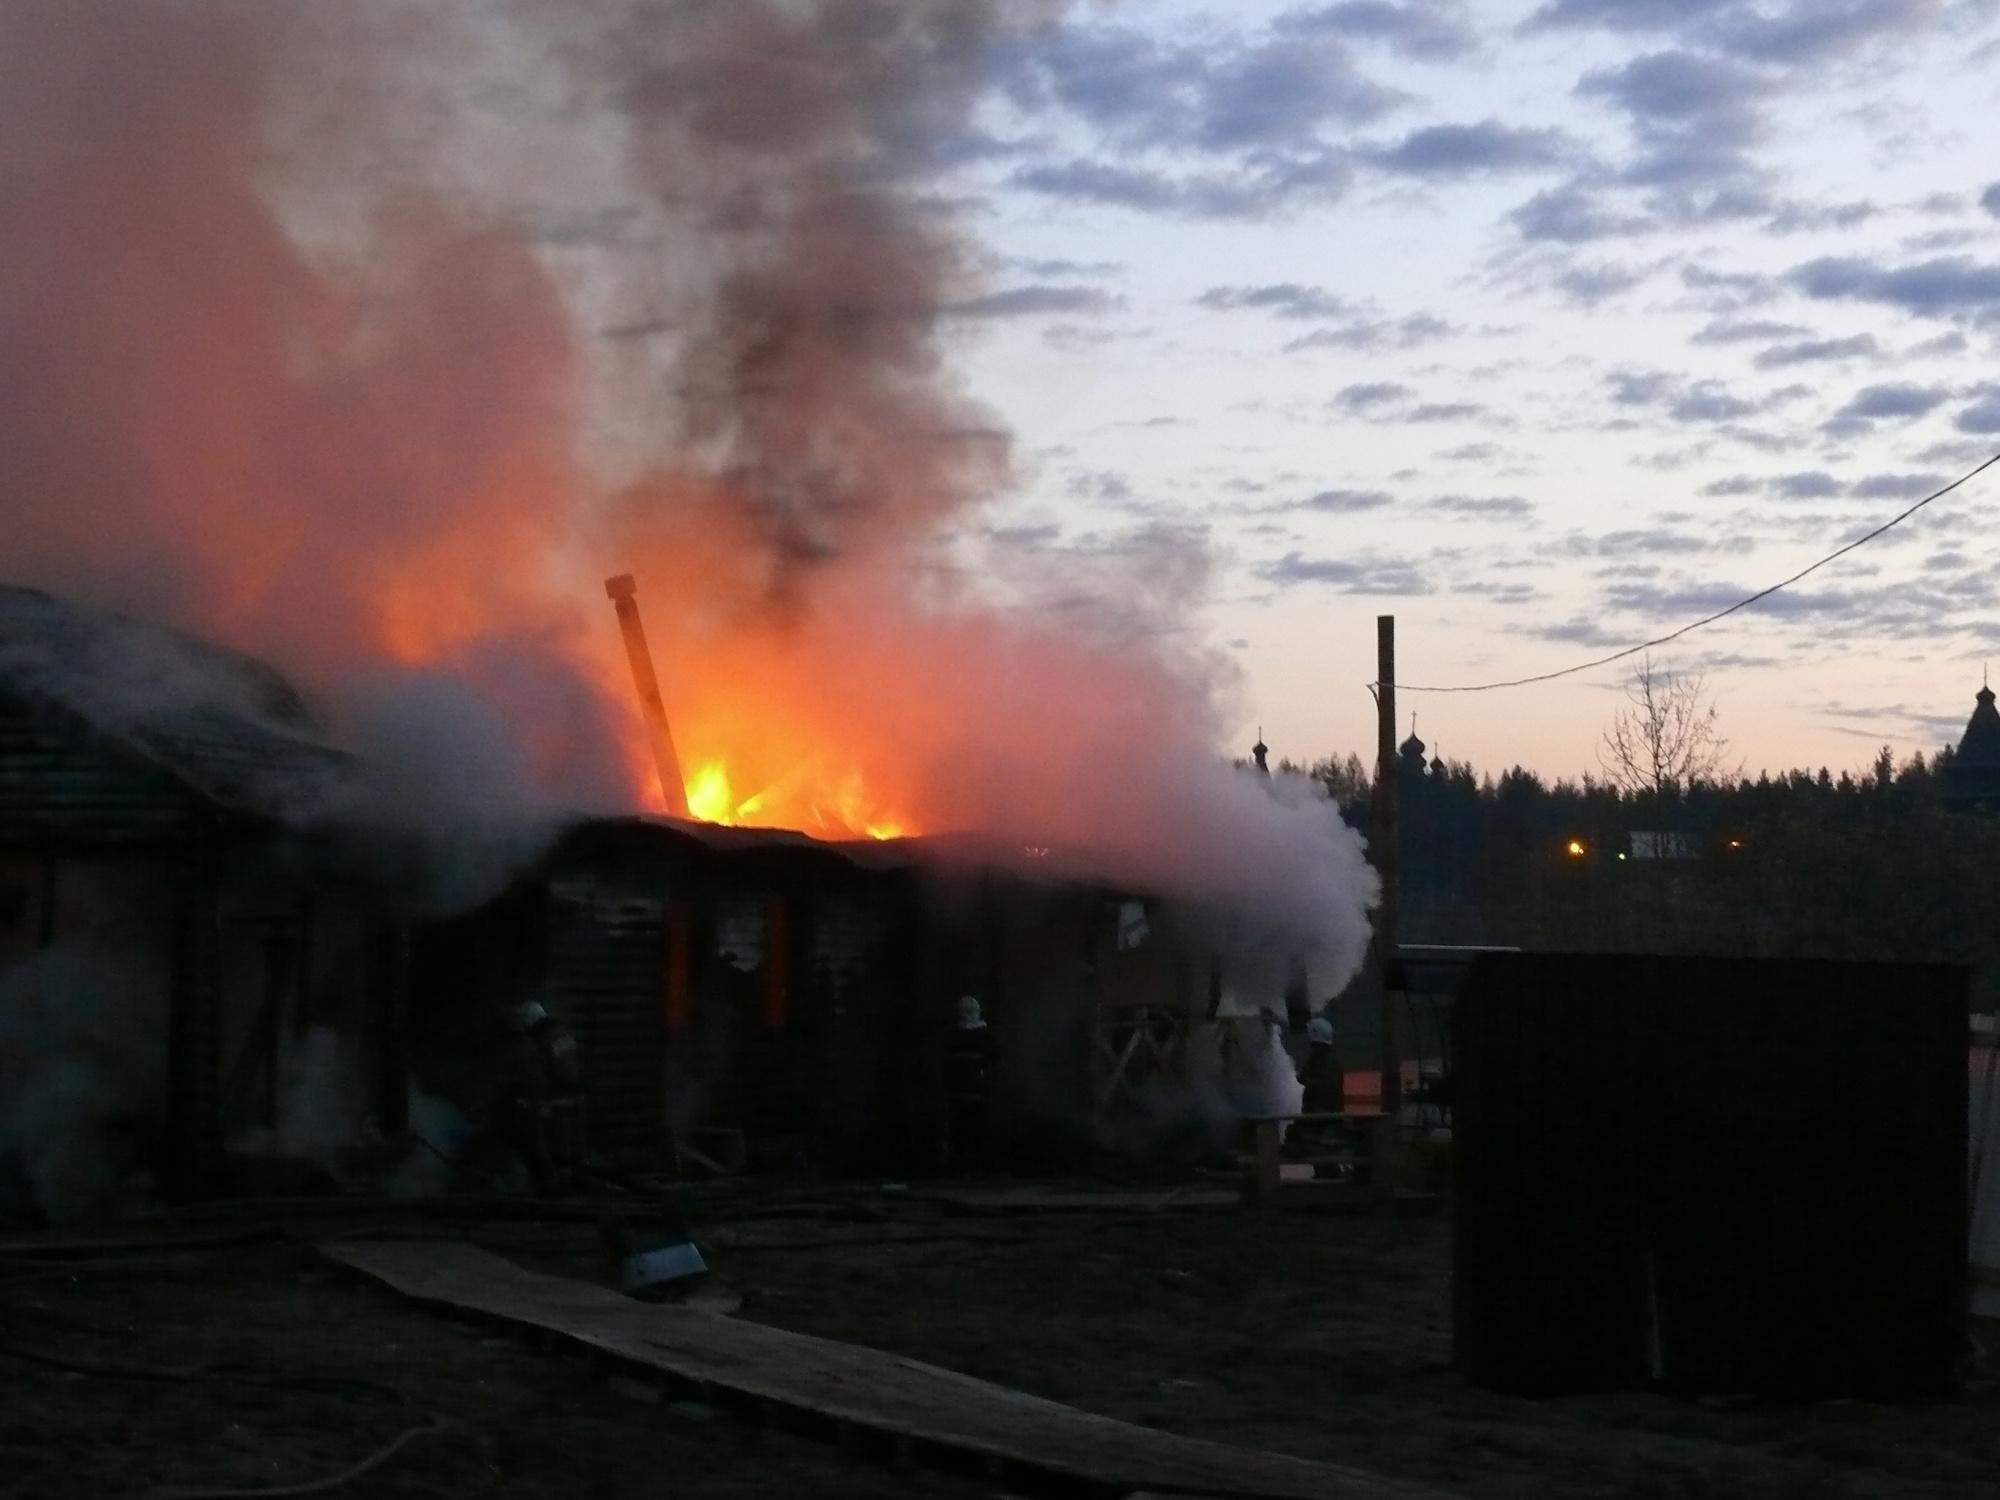 Пожарно-спасательные подразделения ликвидировали пожар в Приморском районе Архангельской области.